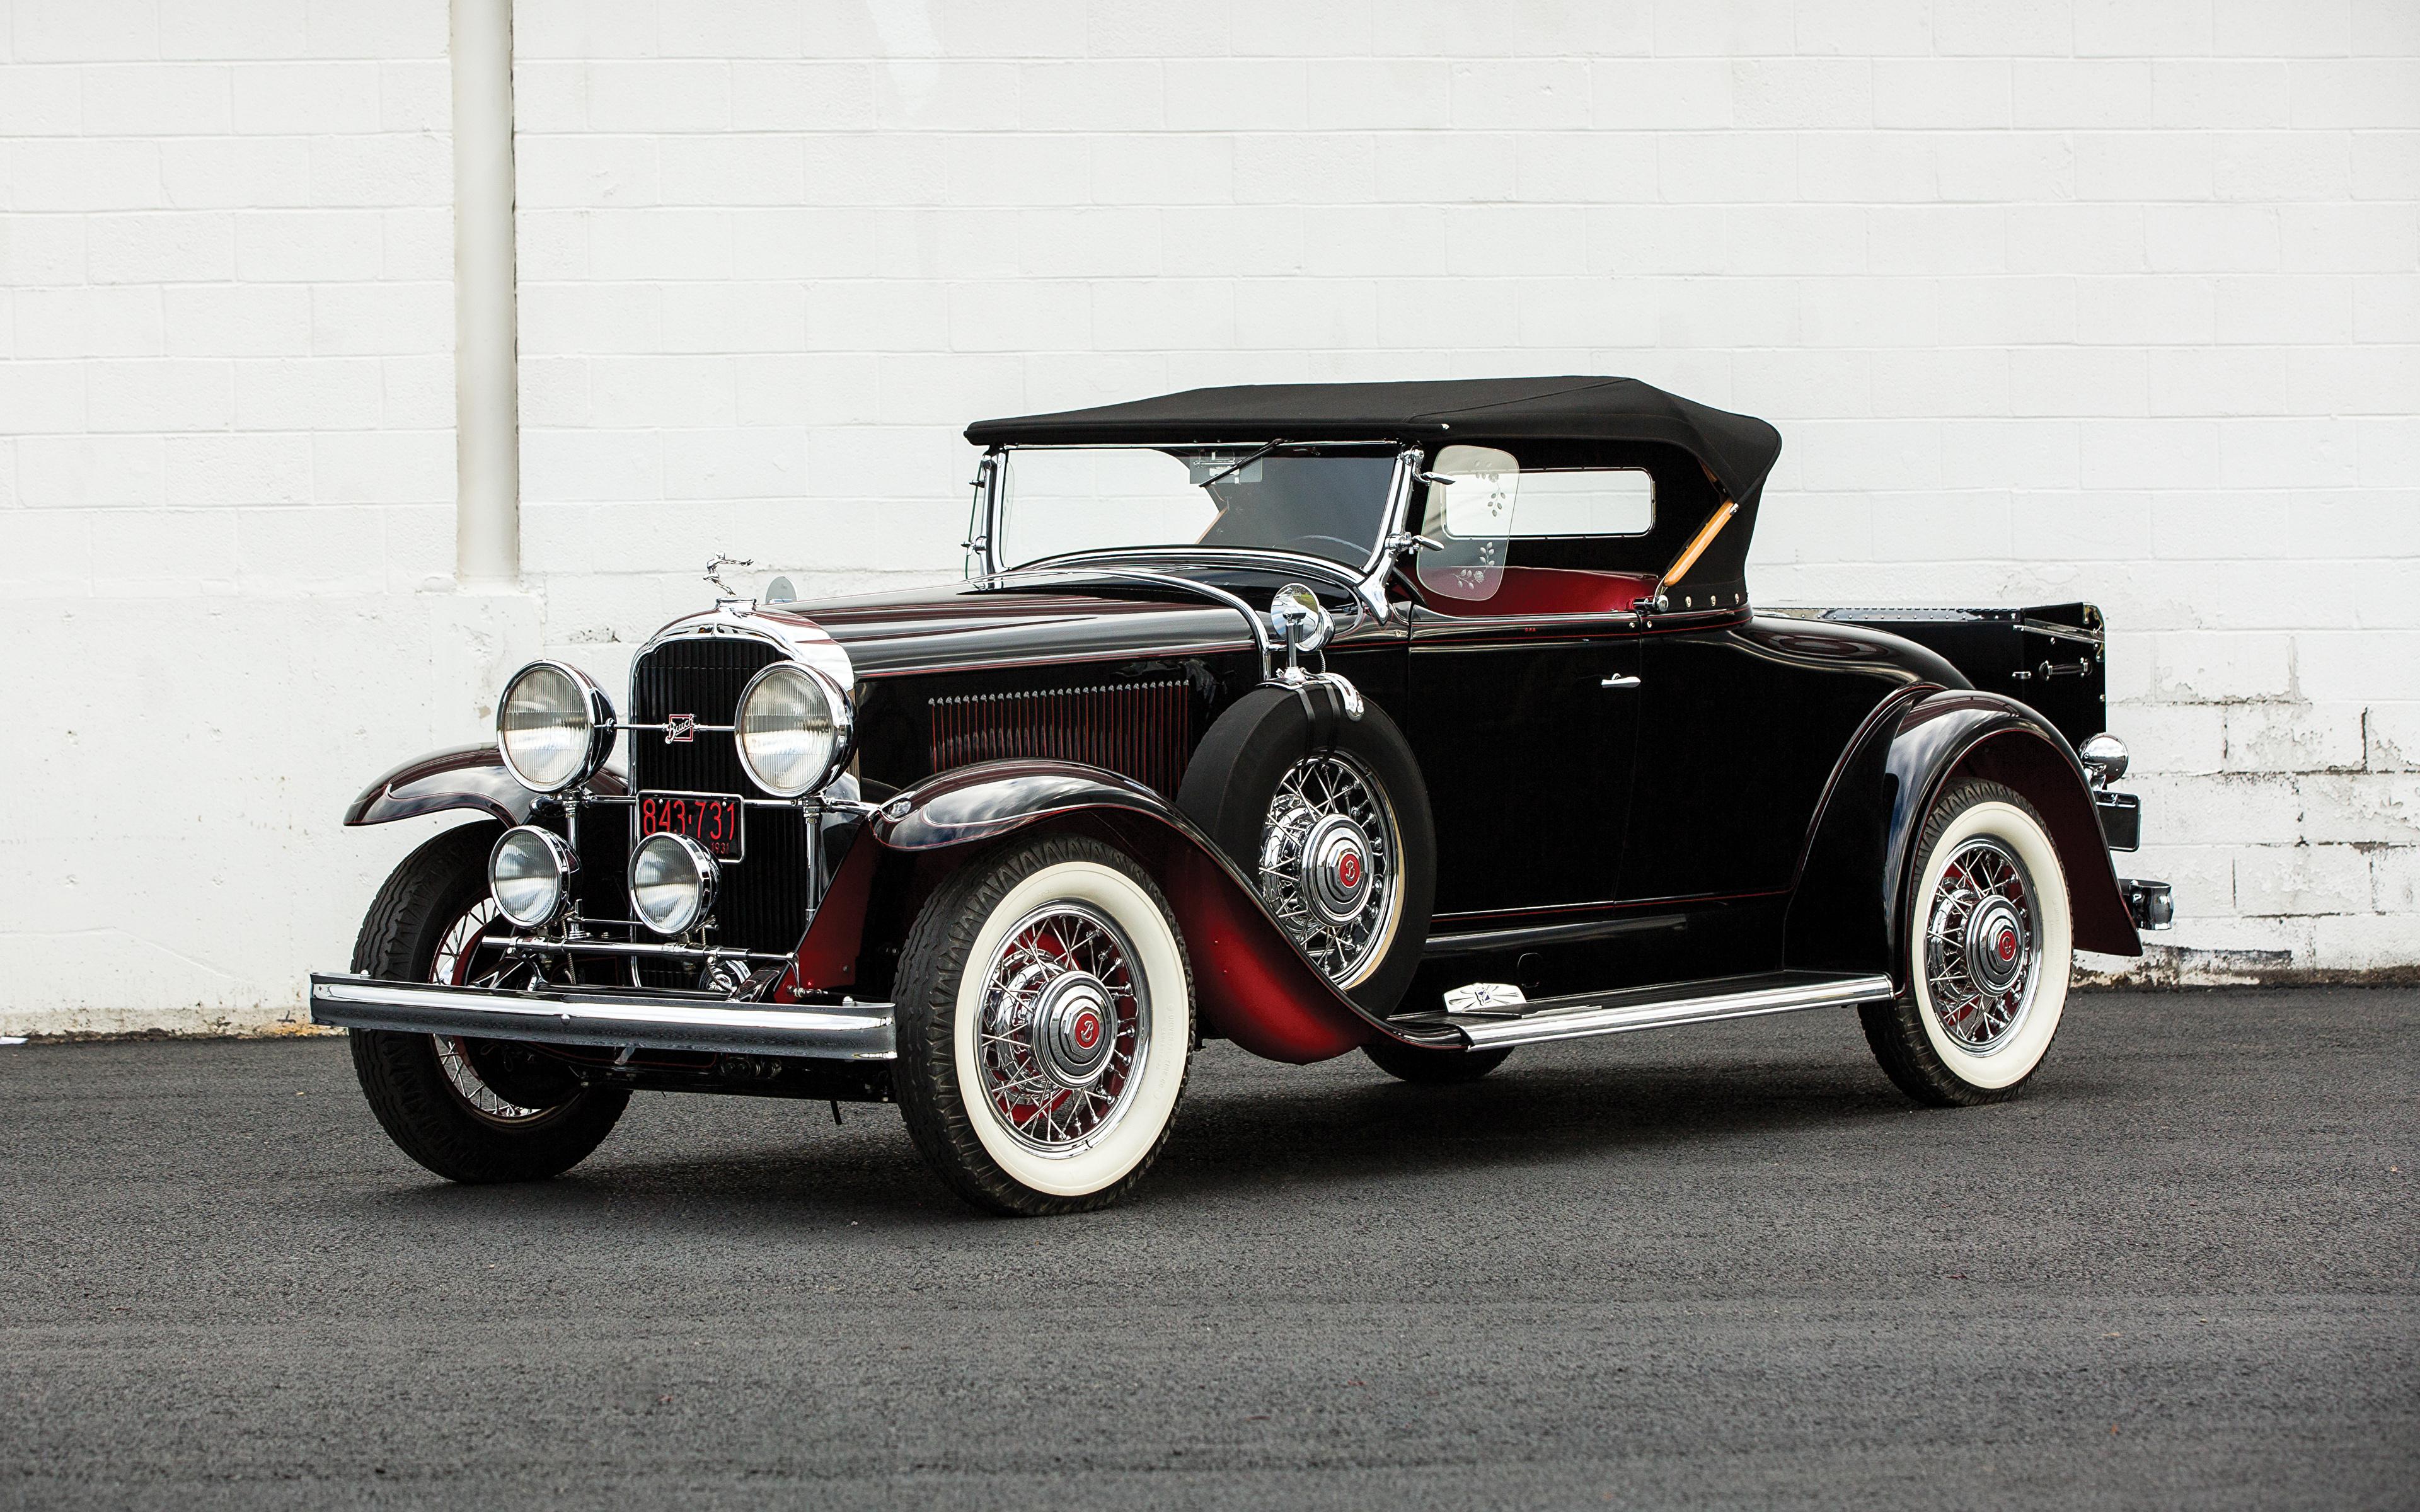 Фотография Бьюик 1931 Series 90 Roadster Родстер Ретро черных Автомобили 3840x2400 Buick Черный черные черная винтаж старинные авто машина машины автомобиль